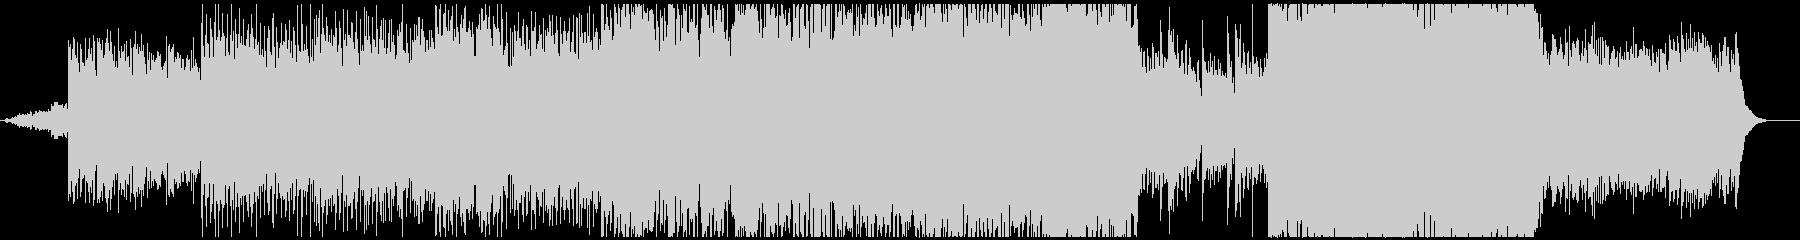 アコギを使用したゆったりとした映像的な曲の未再生の波形